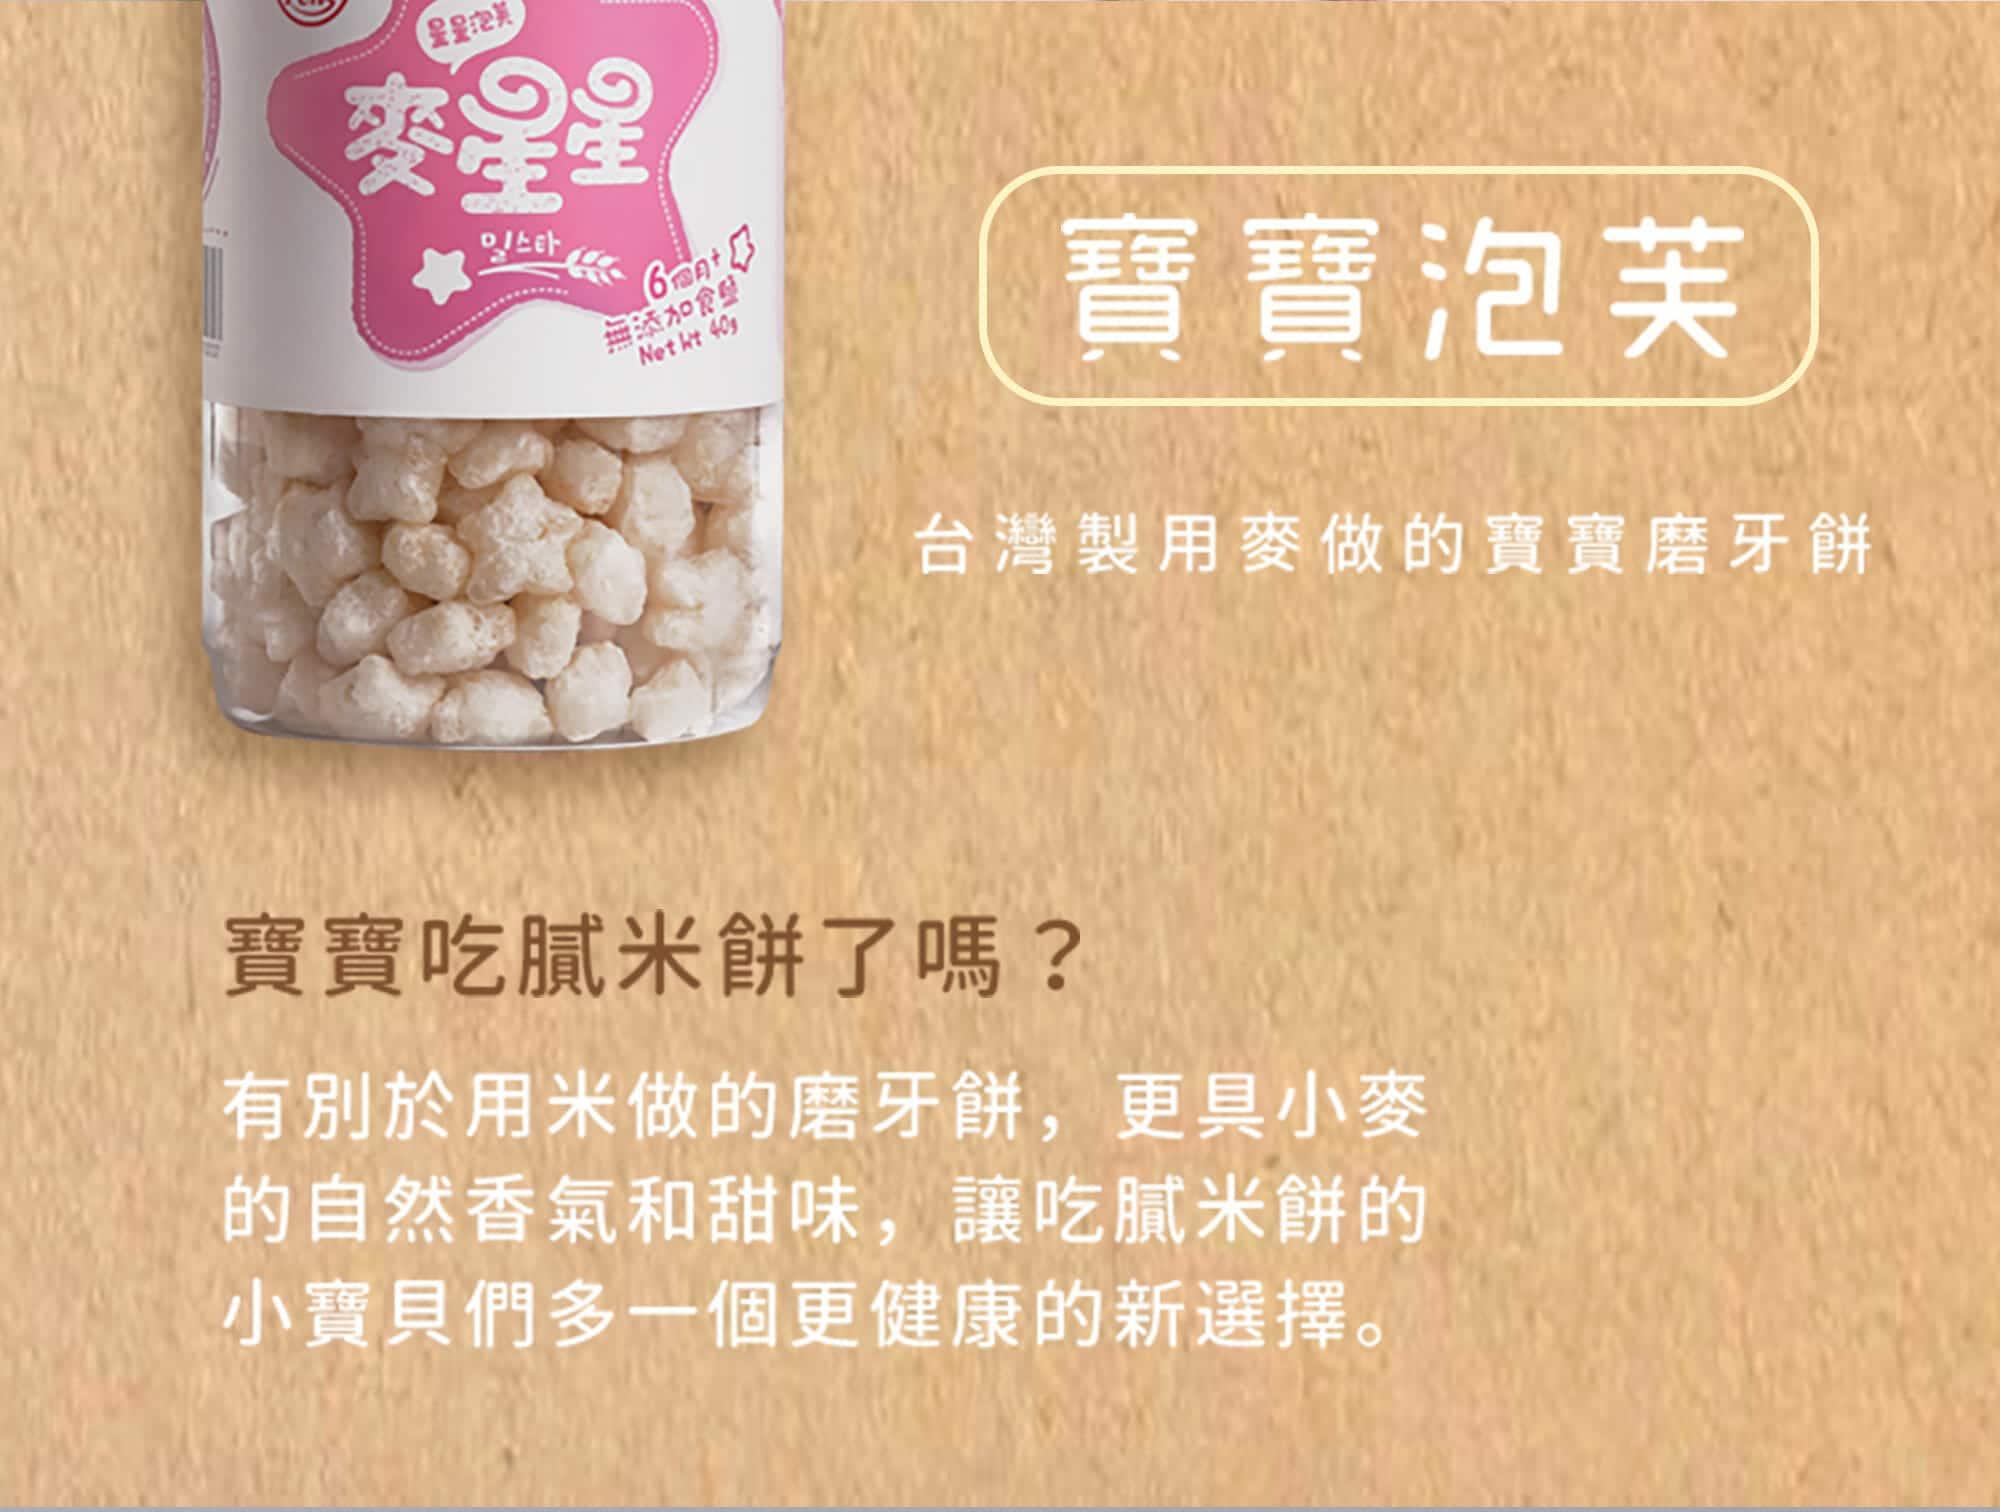 麥星星台灣製造的磨牙餅,有別於米做的磨牙餅,具有小麥的自然香氣與甜味。